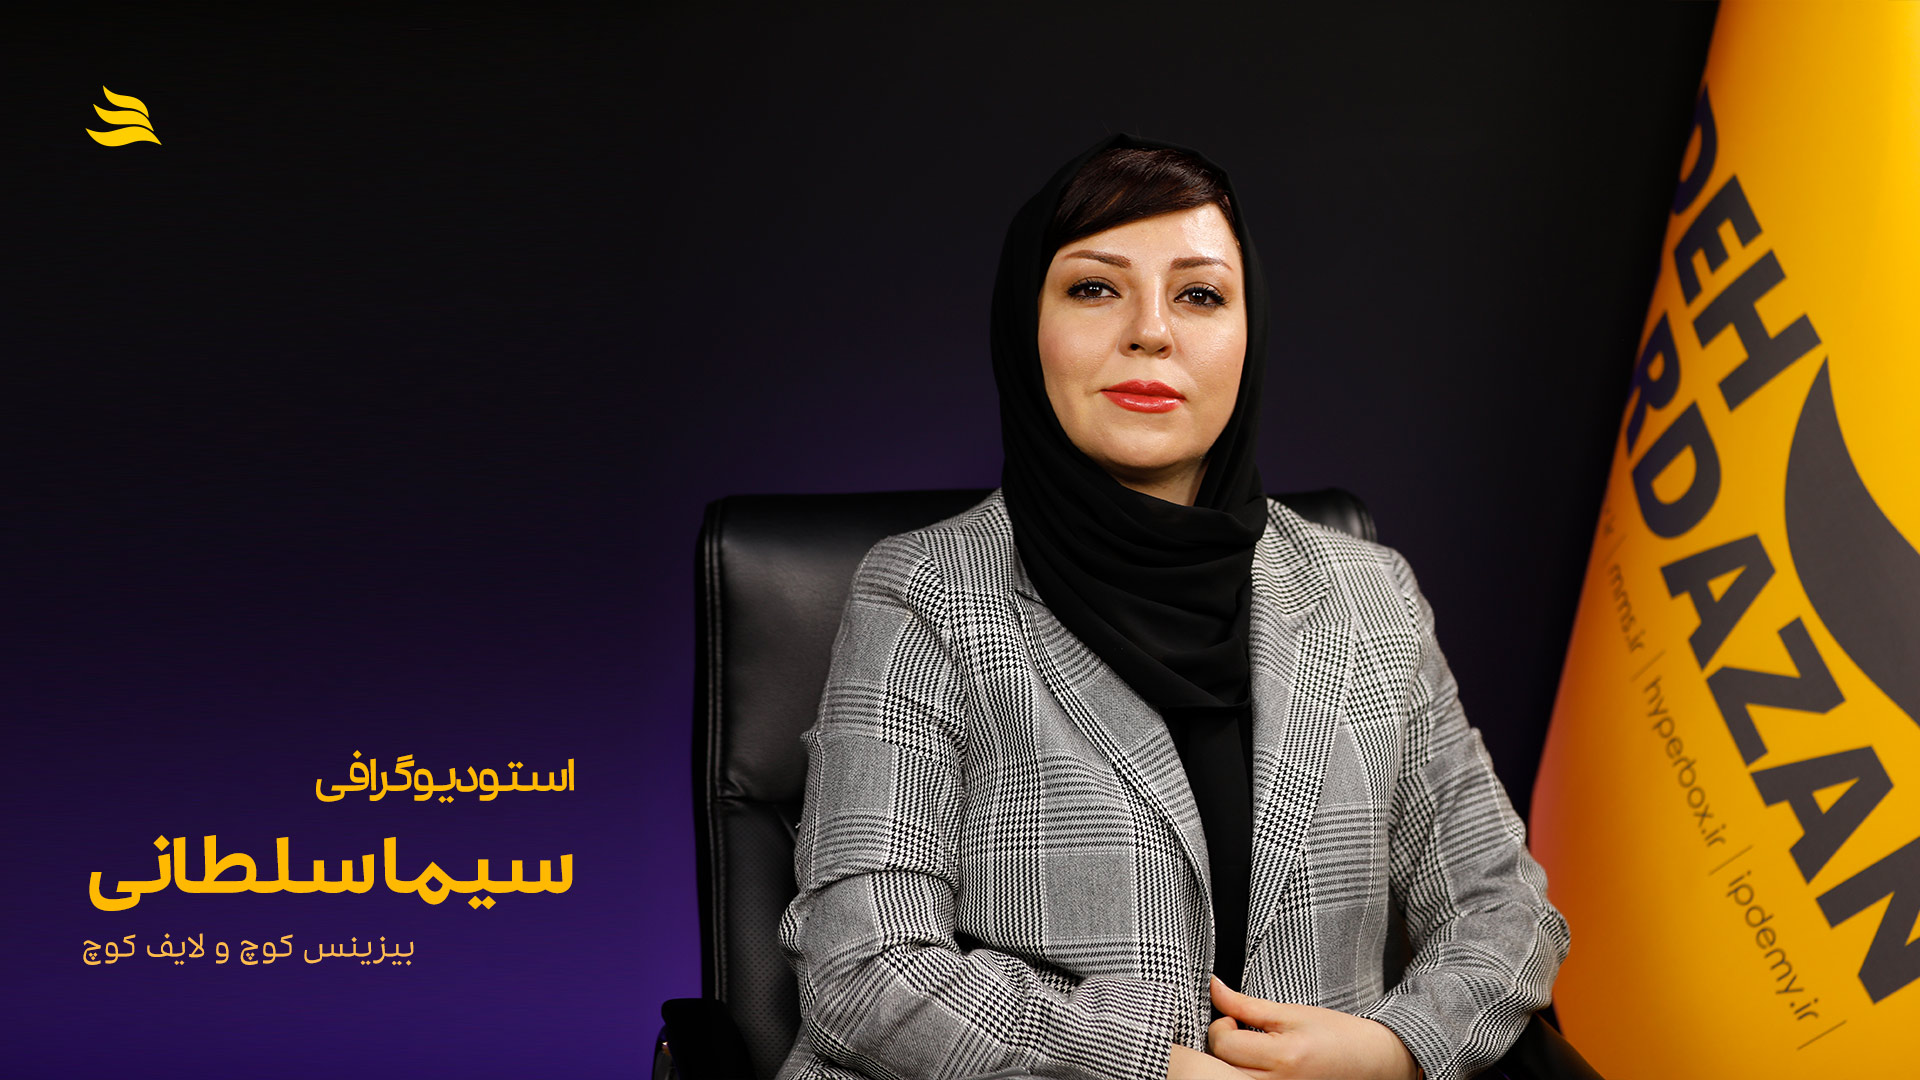 بیوگرافی سیما سلطانی